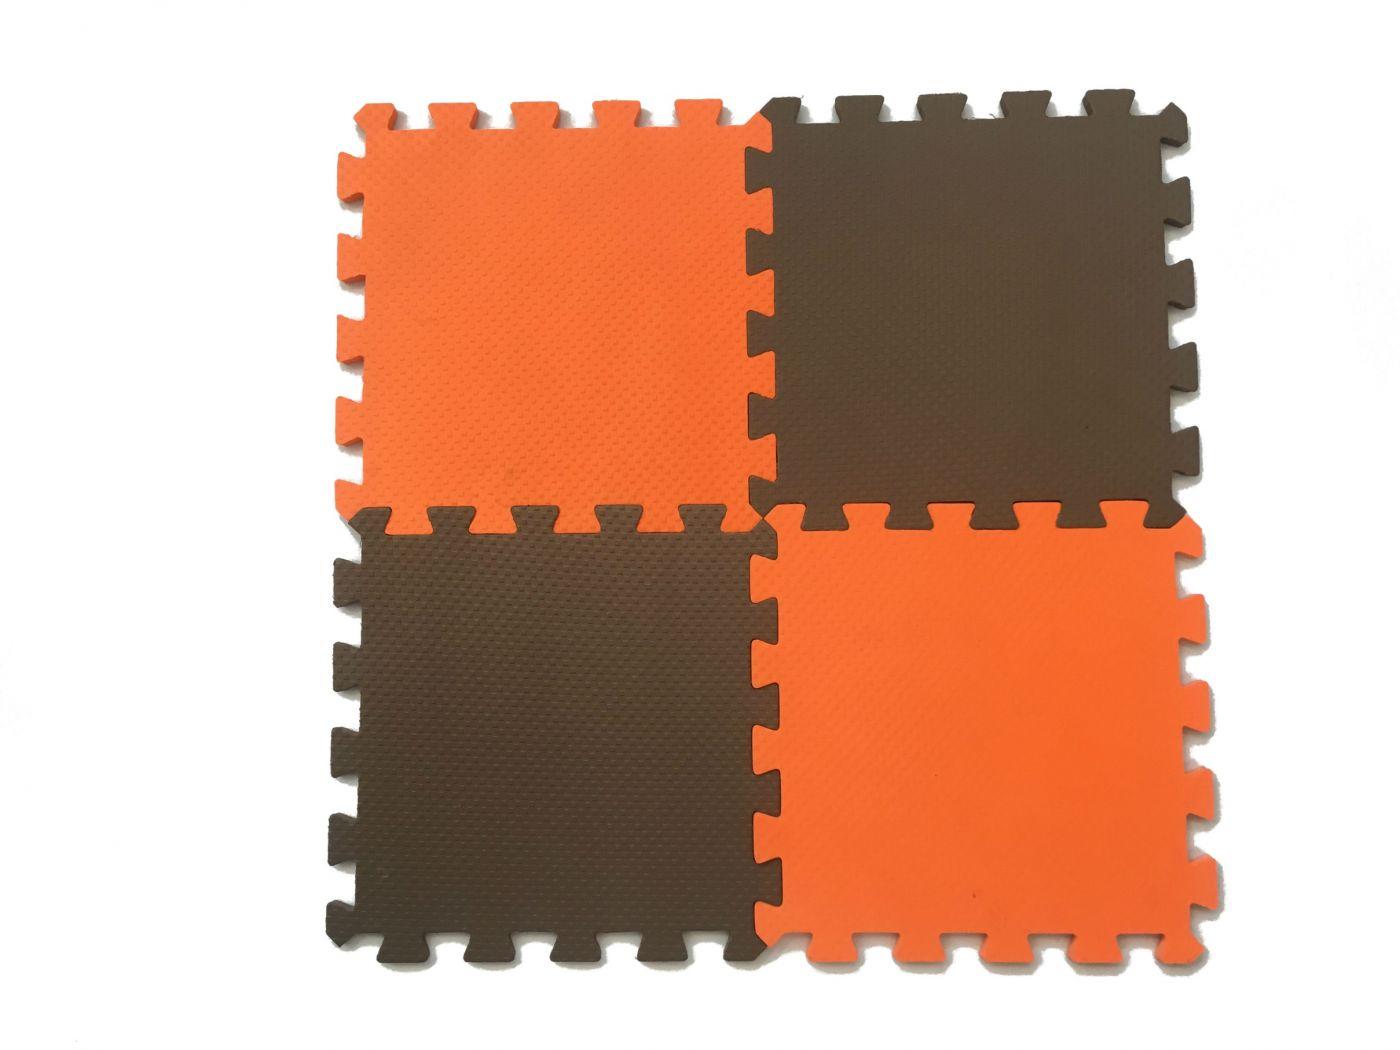 Мягкий пол универсальный 25*25(см) оранжево-коричневый